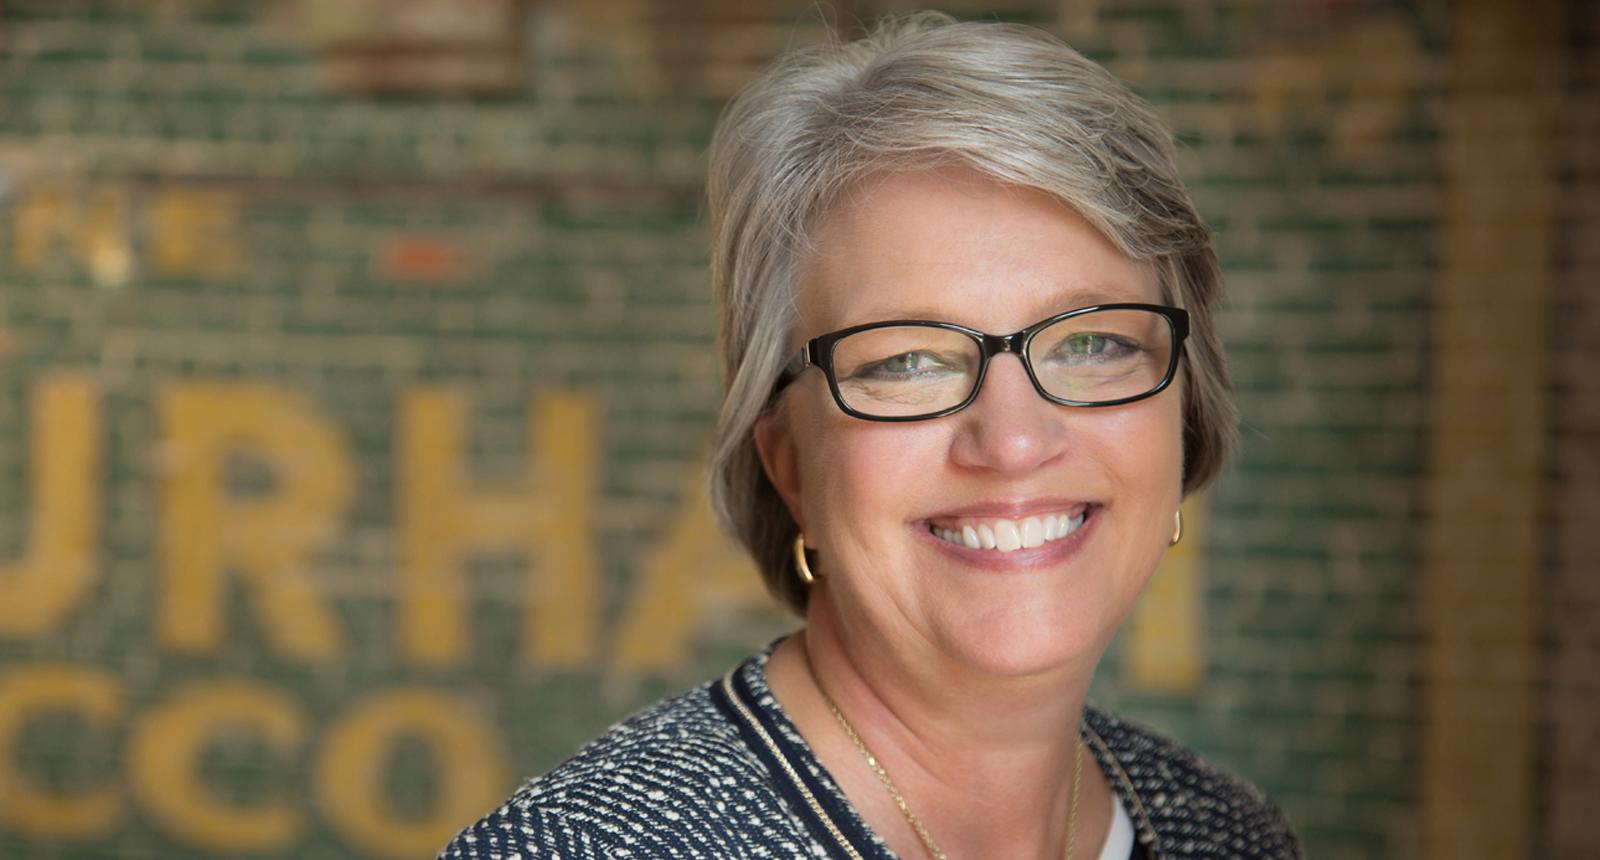 Kristine Harding FAIA